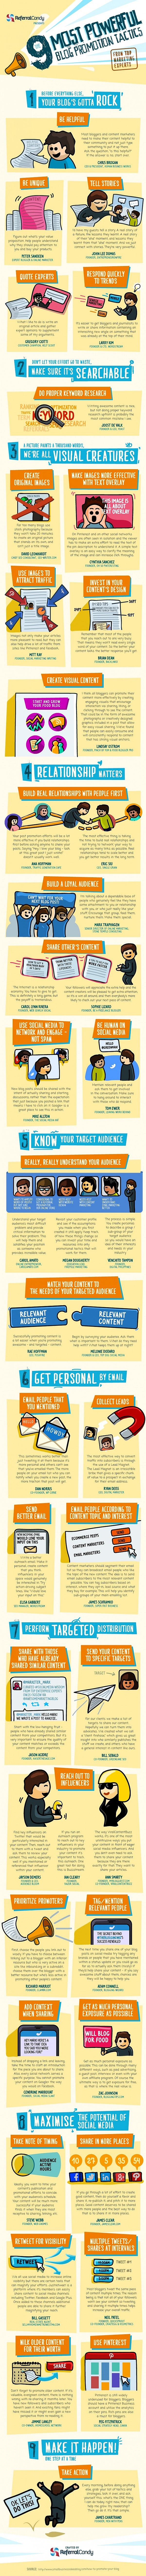 Die 9 wichtigsten Hebel im Blogmarketing [Infografik]